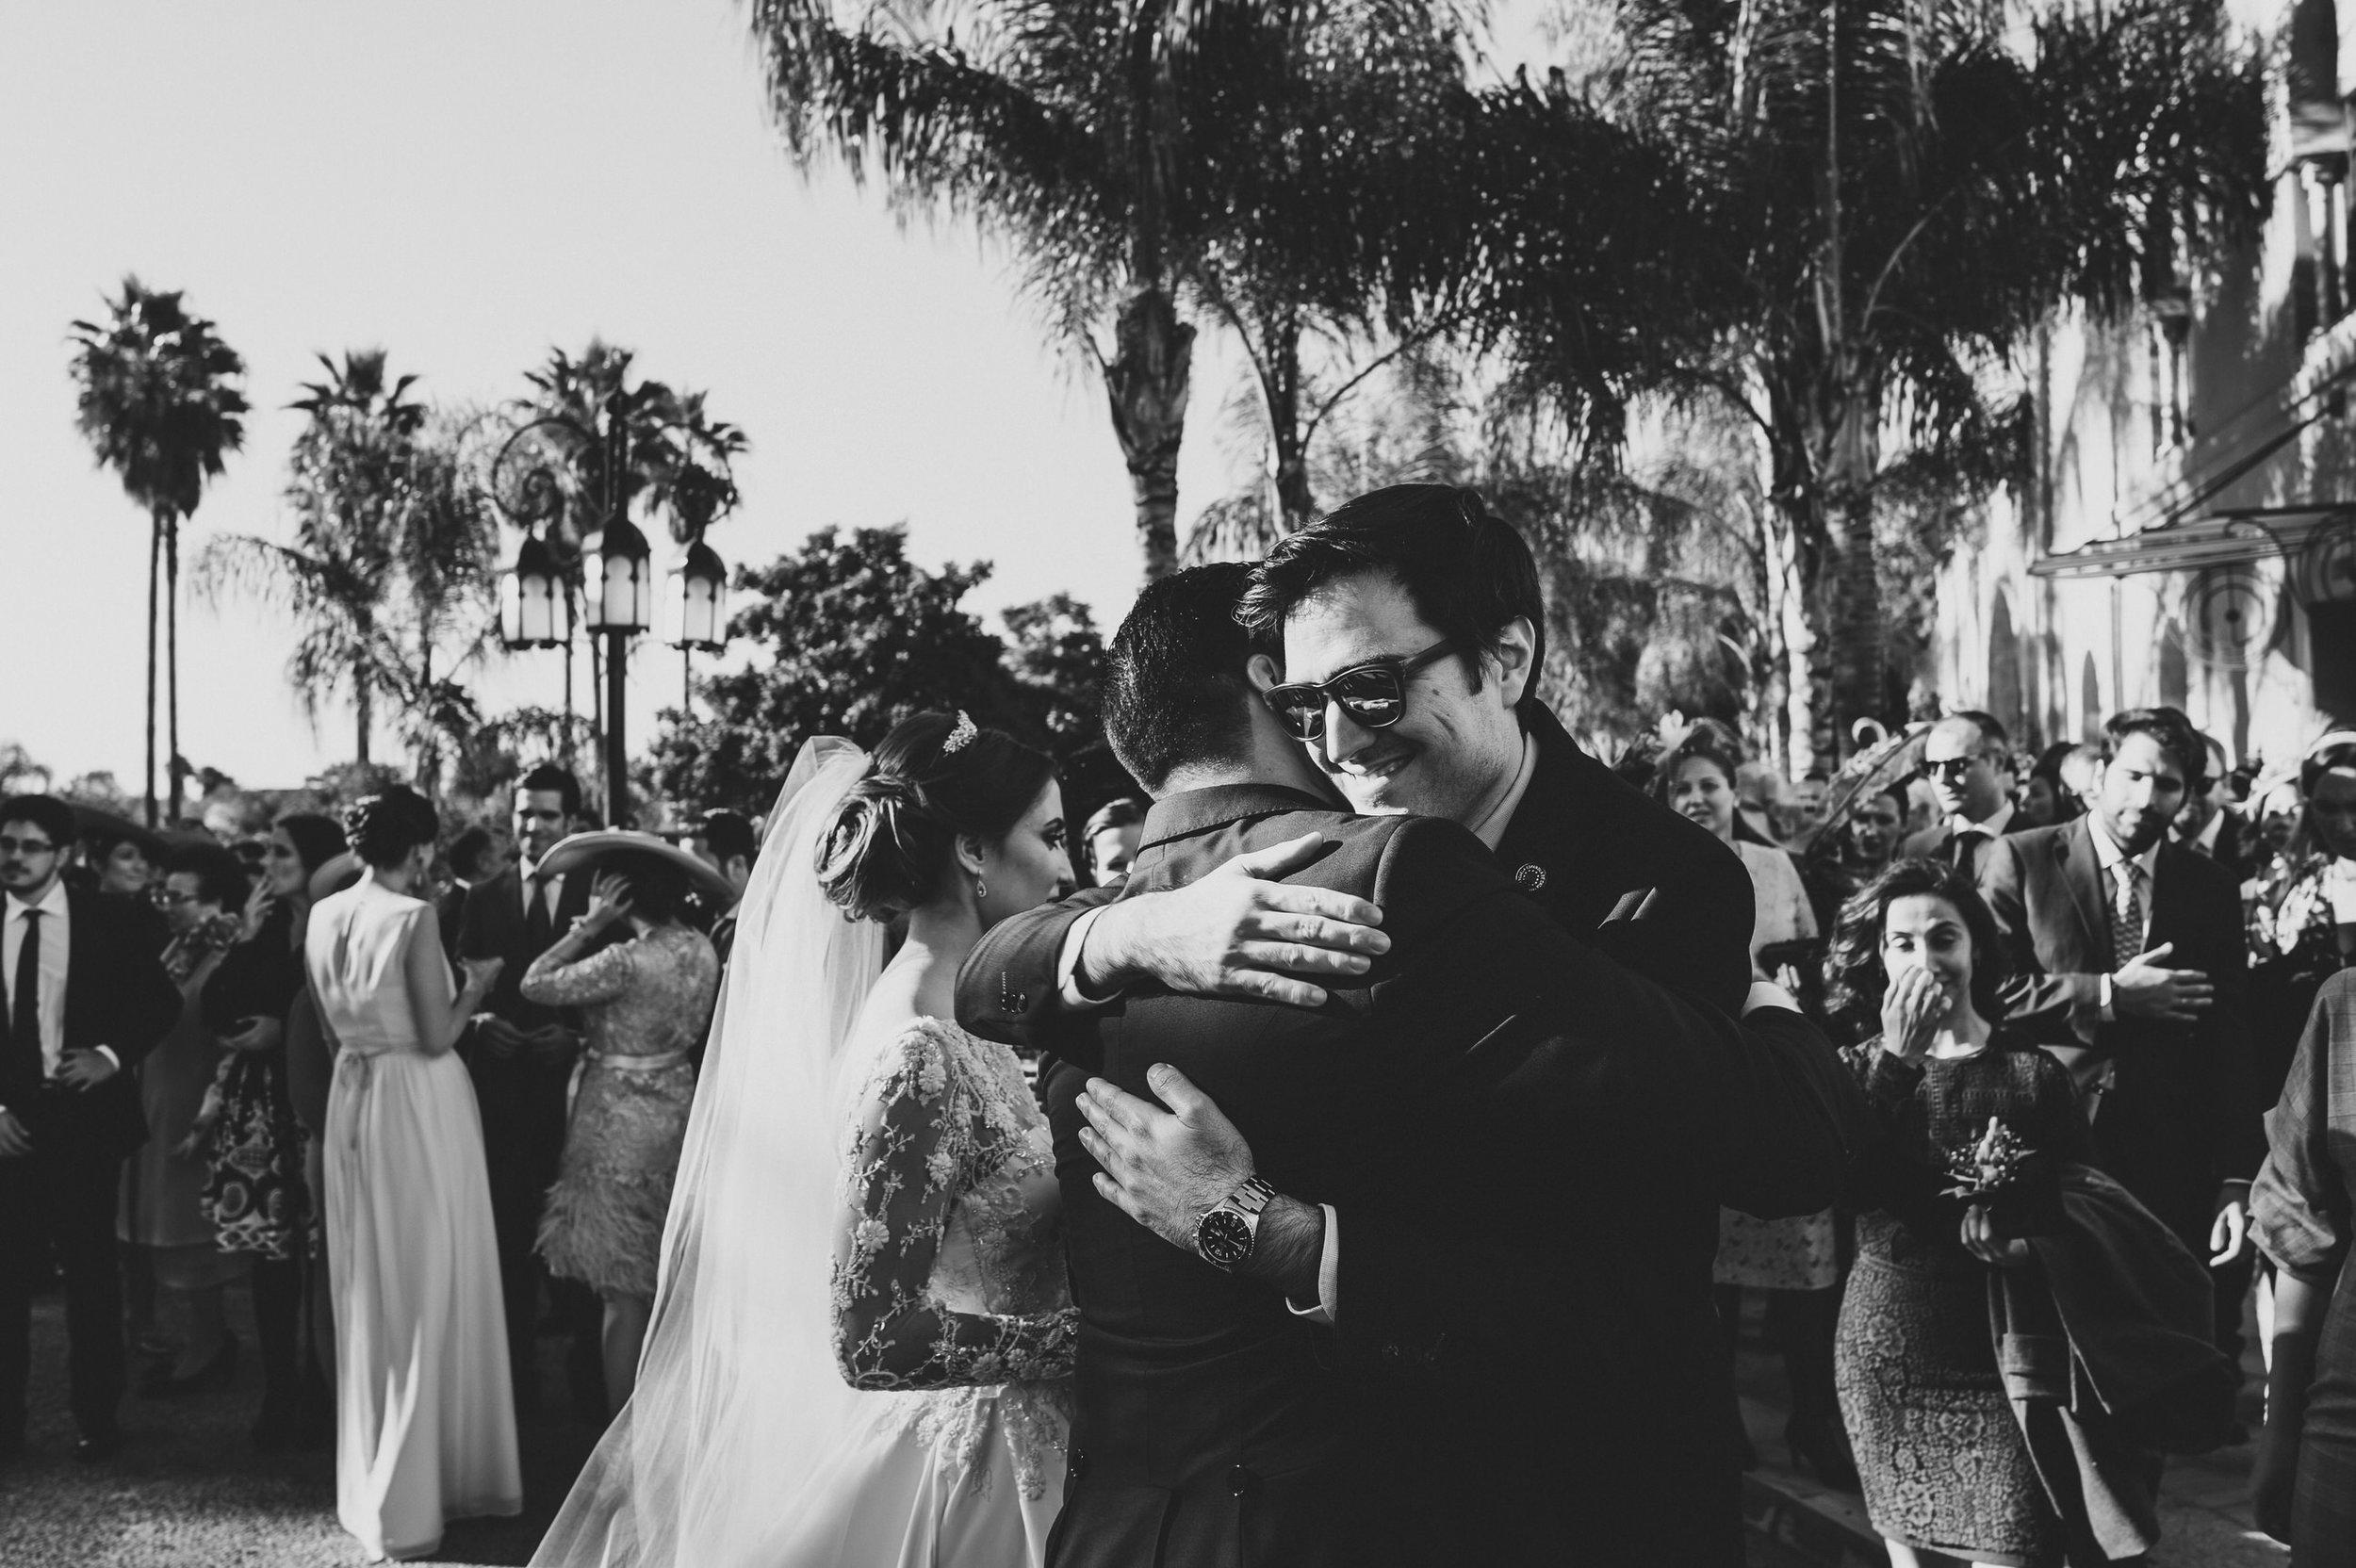 Andrés+Amarillo+fotografo+boda+Utrera+Dos+Hermanas+Santa+Maria+la+blanca+albaraca+Ivan+Campaña+los+tumbao (12).JPG